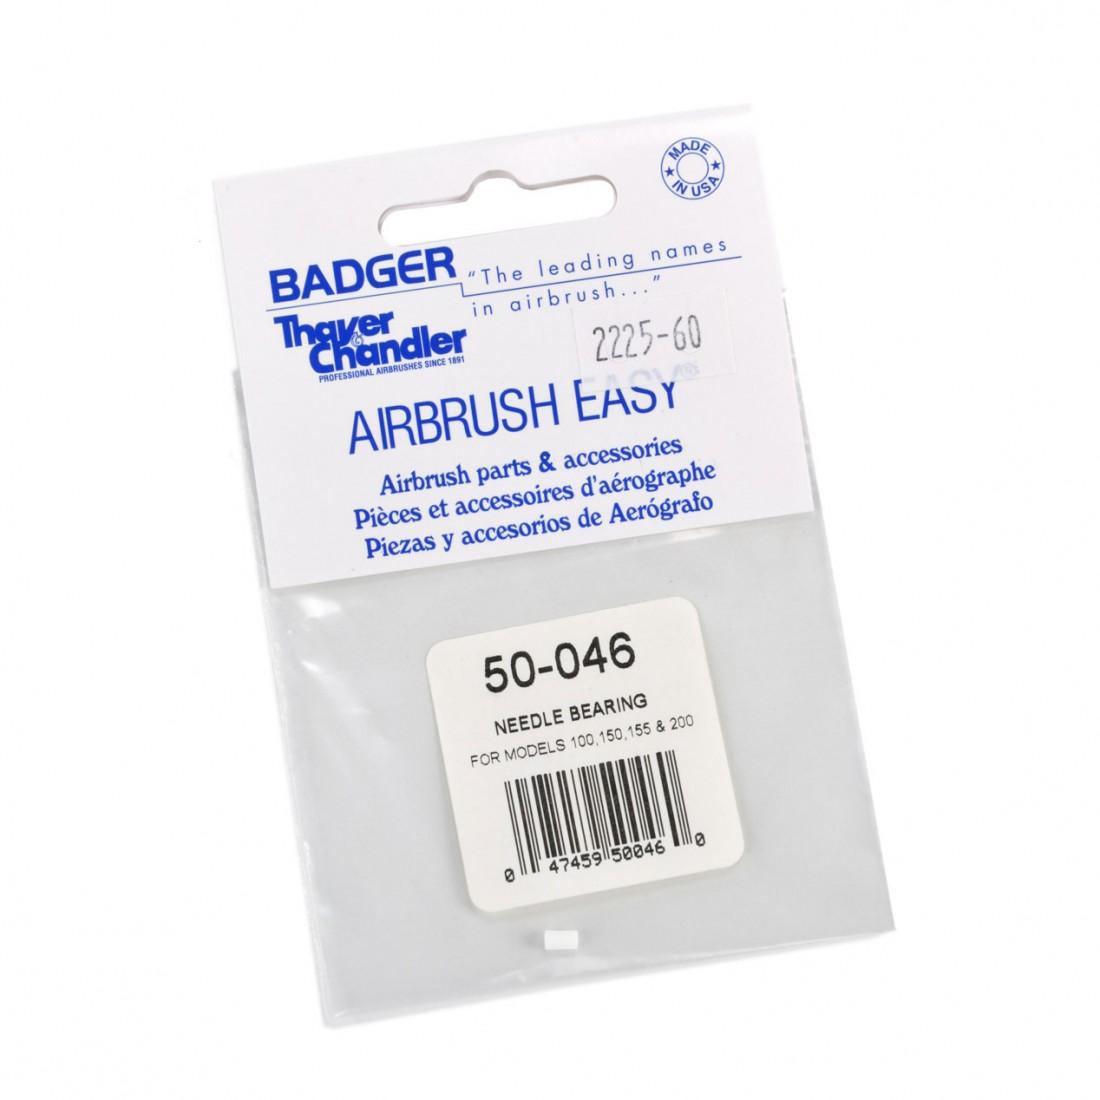 Badger 50-046